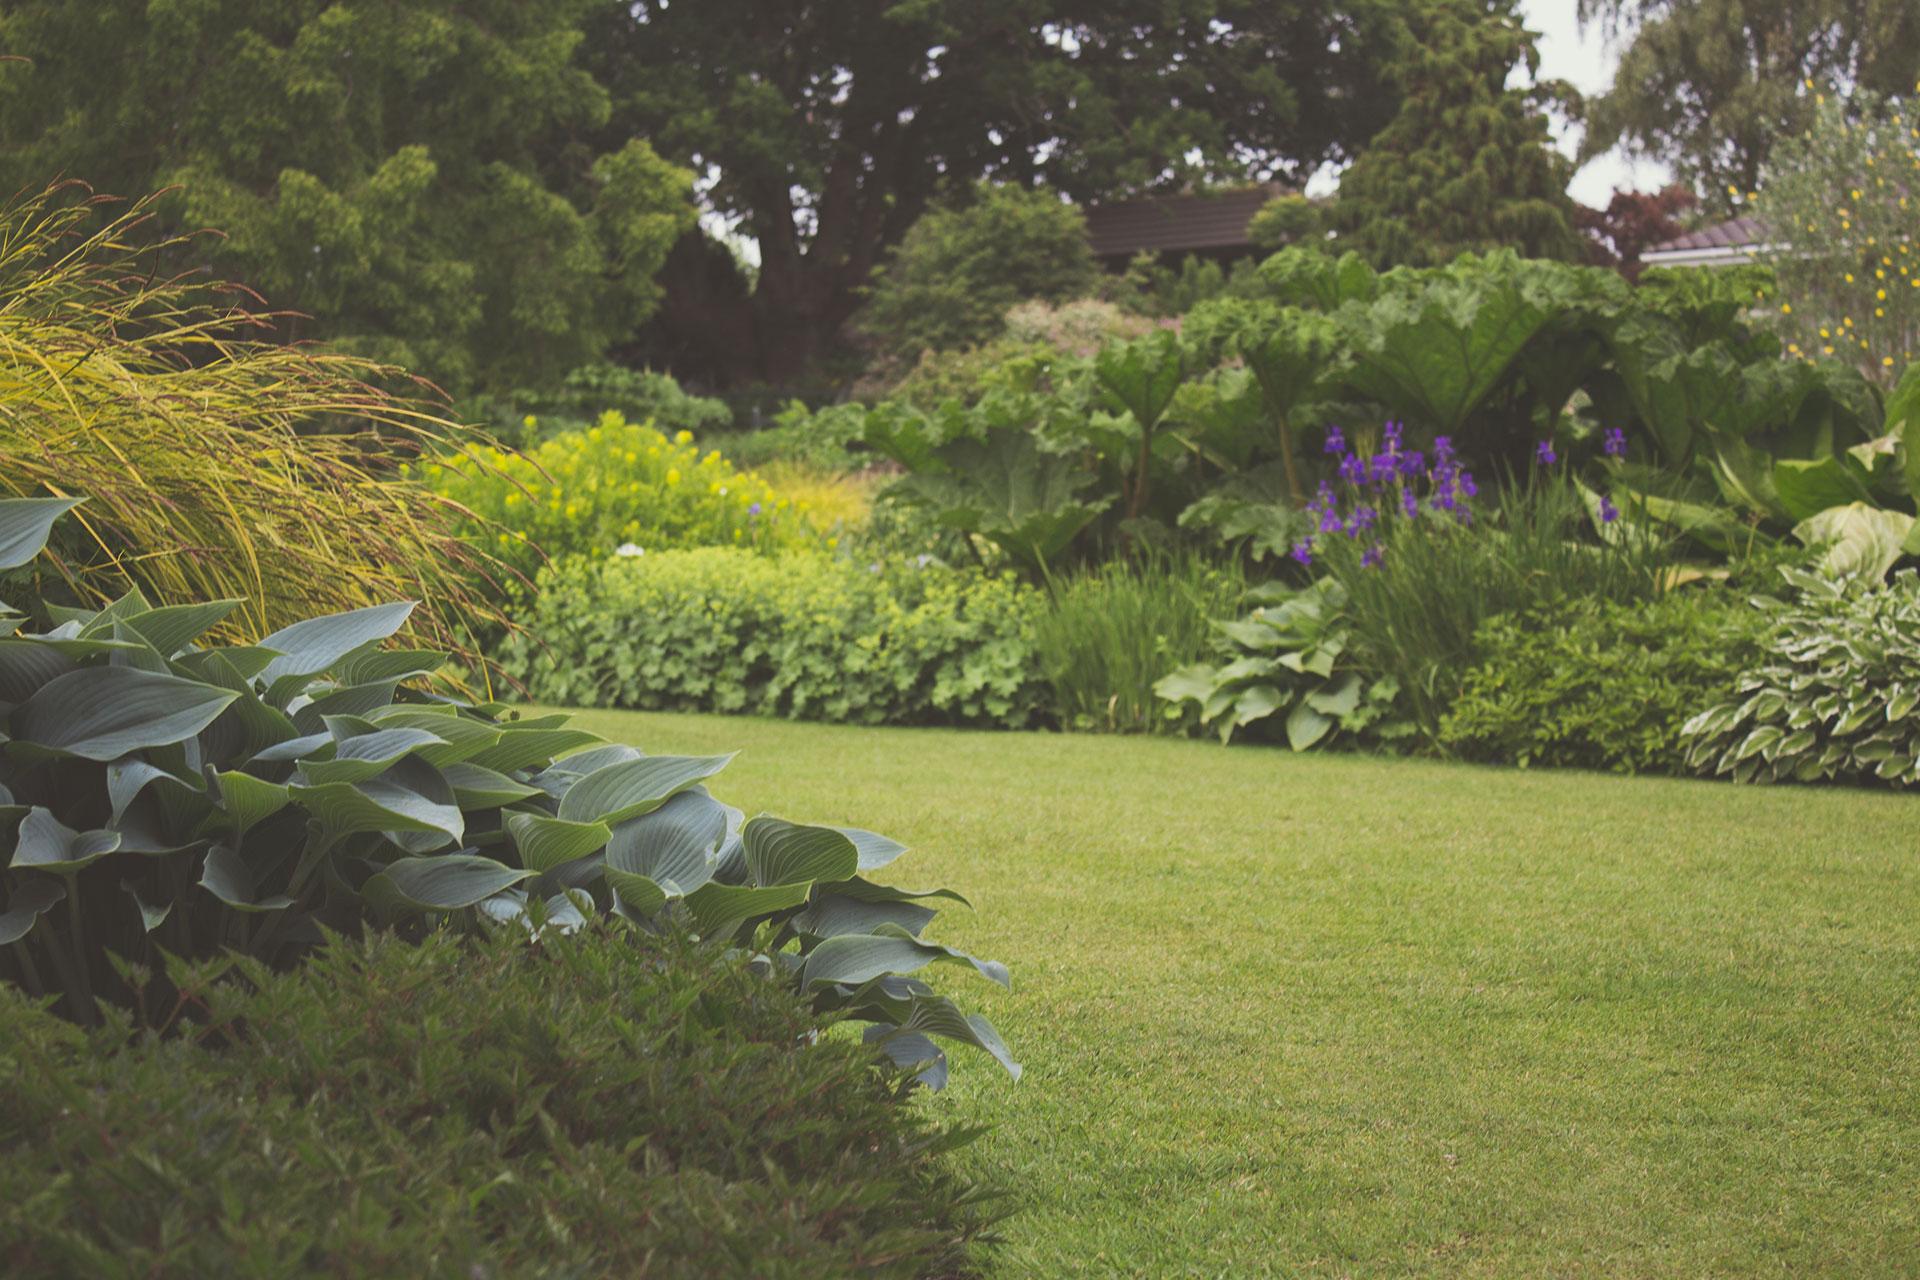 Zasadit dva stromy není taková věda, ale naplánovat zahradu, aby pěkně rostla a splňovala to, co od ní čekáme, tedy nejen stále jen dřinu, už tak snadné není. Většinou od zahrady chceme, aby byla zajímavá během celého roku a rostlinám se na ní dařilo.